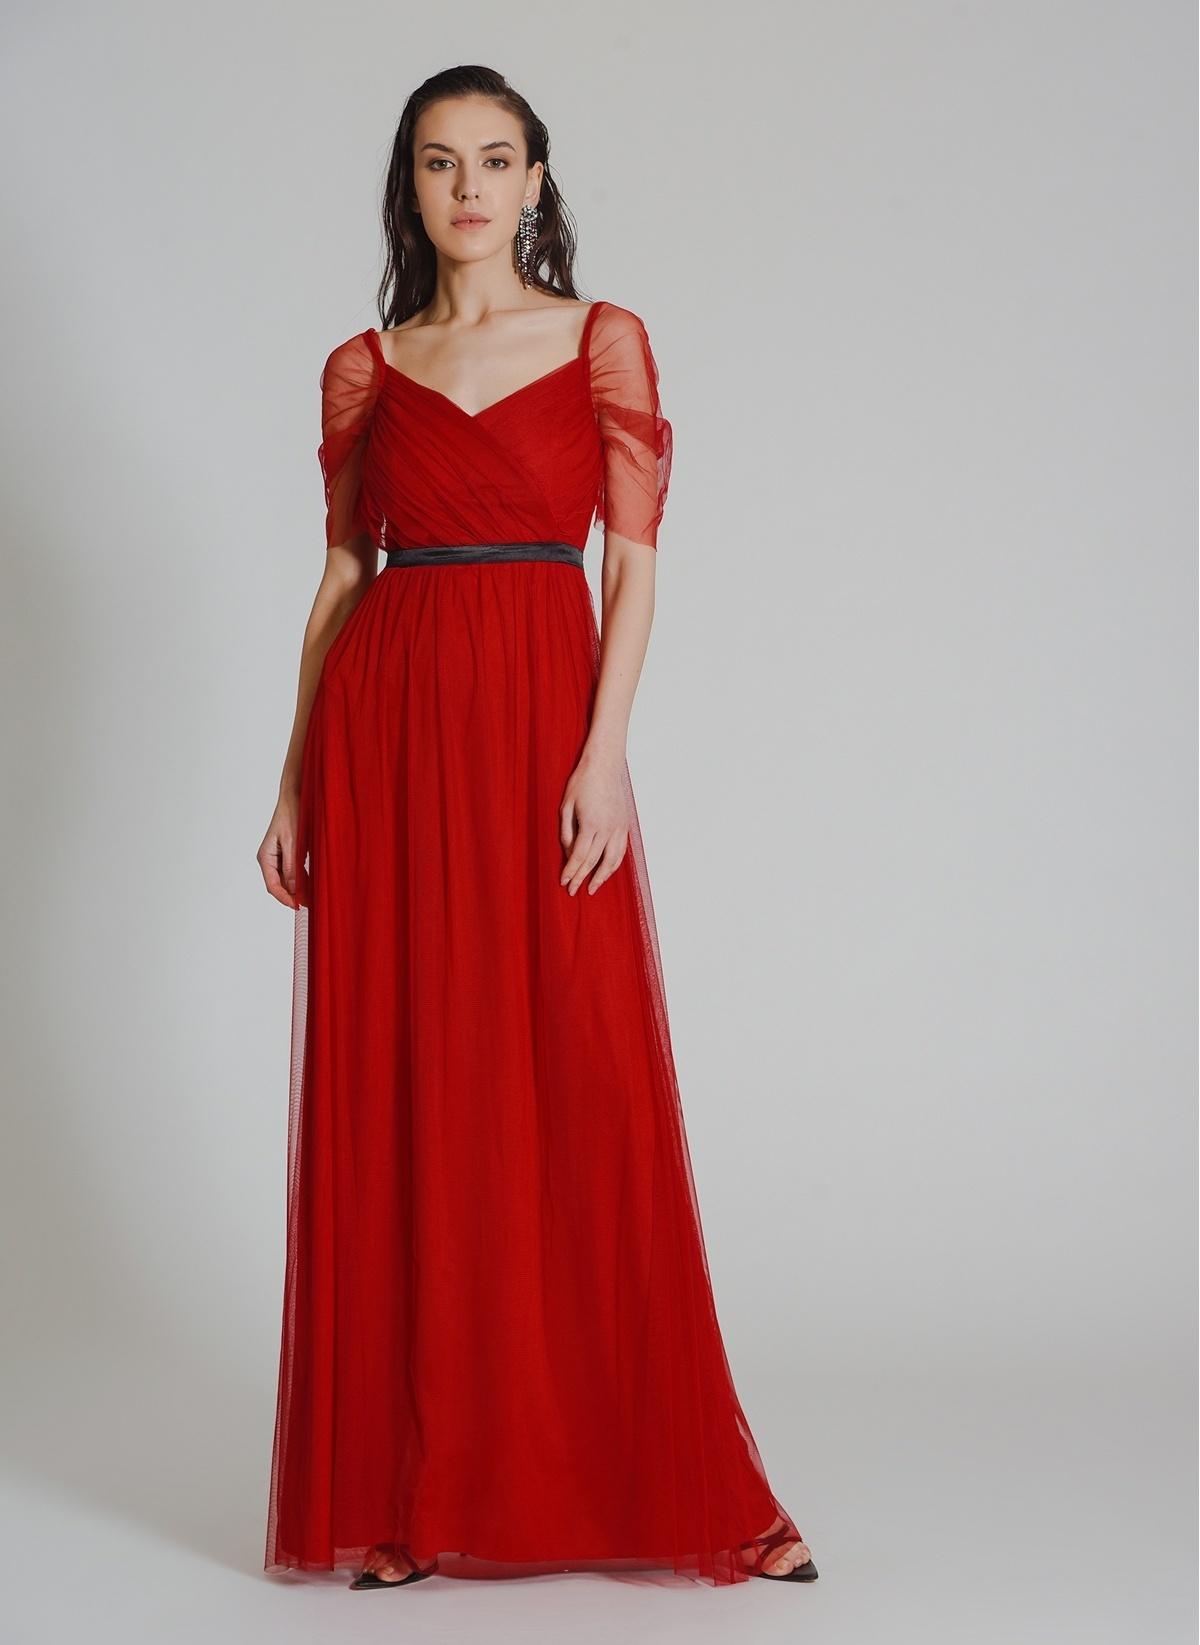 a11197ad1a5df People By Fabrika Kadın Tül Abiye Elbise Kırmızı İndirimli Fiyat ...